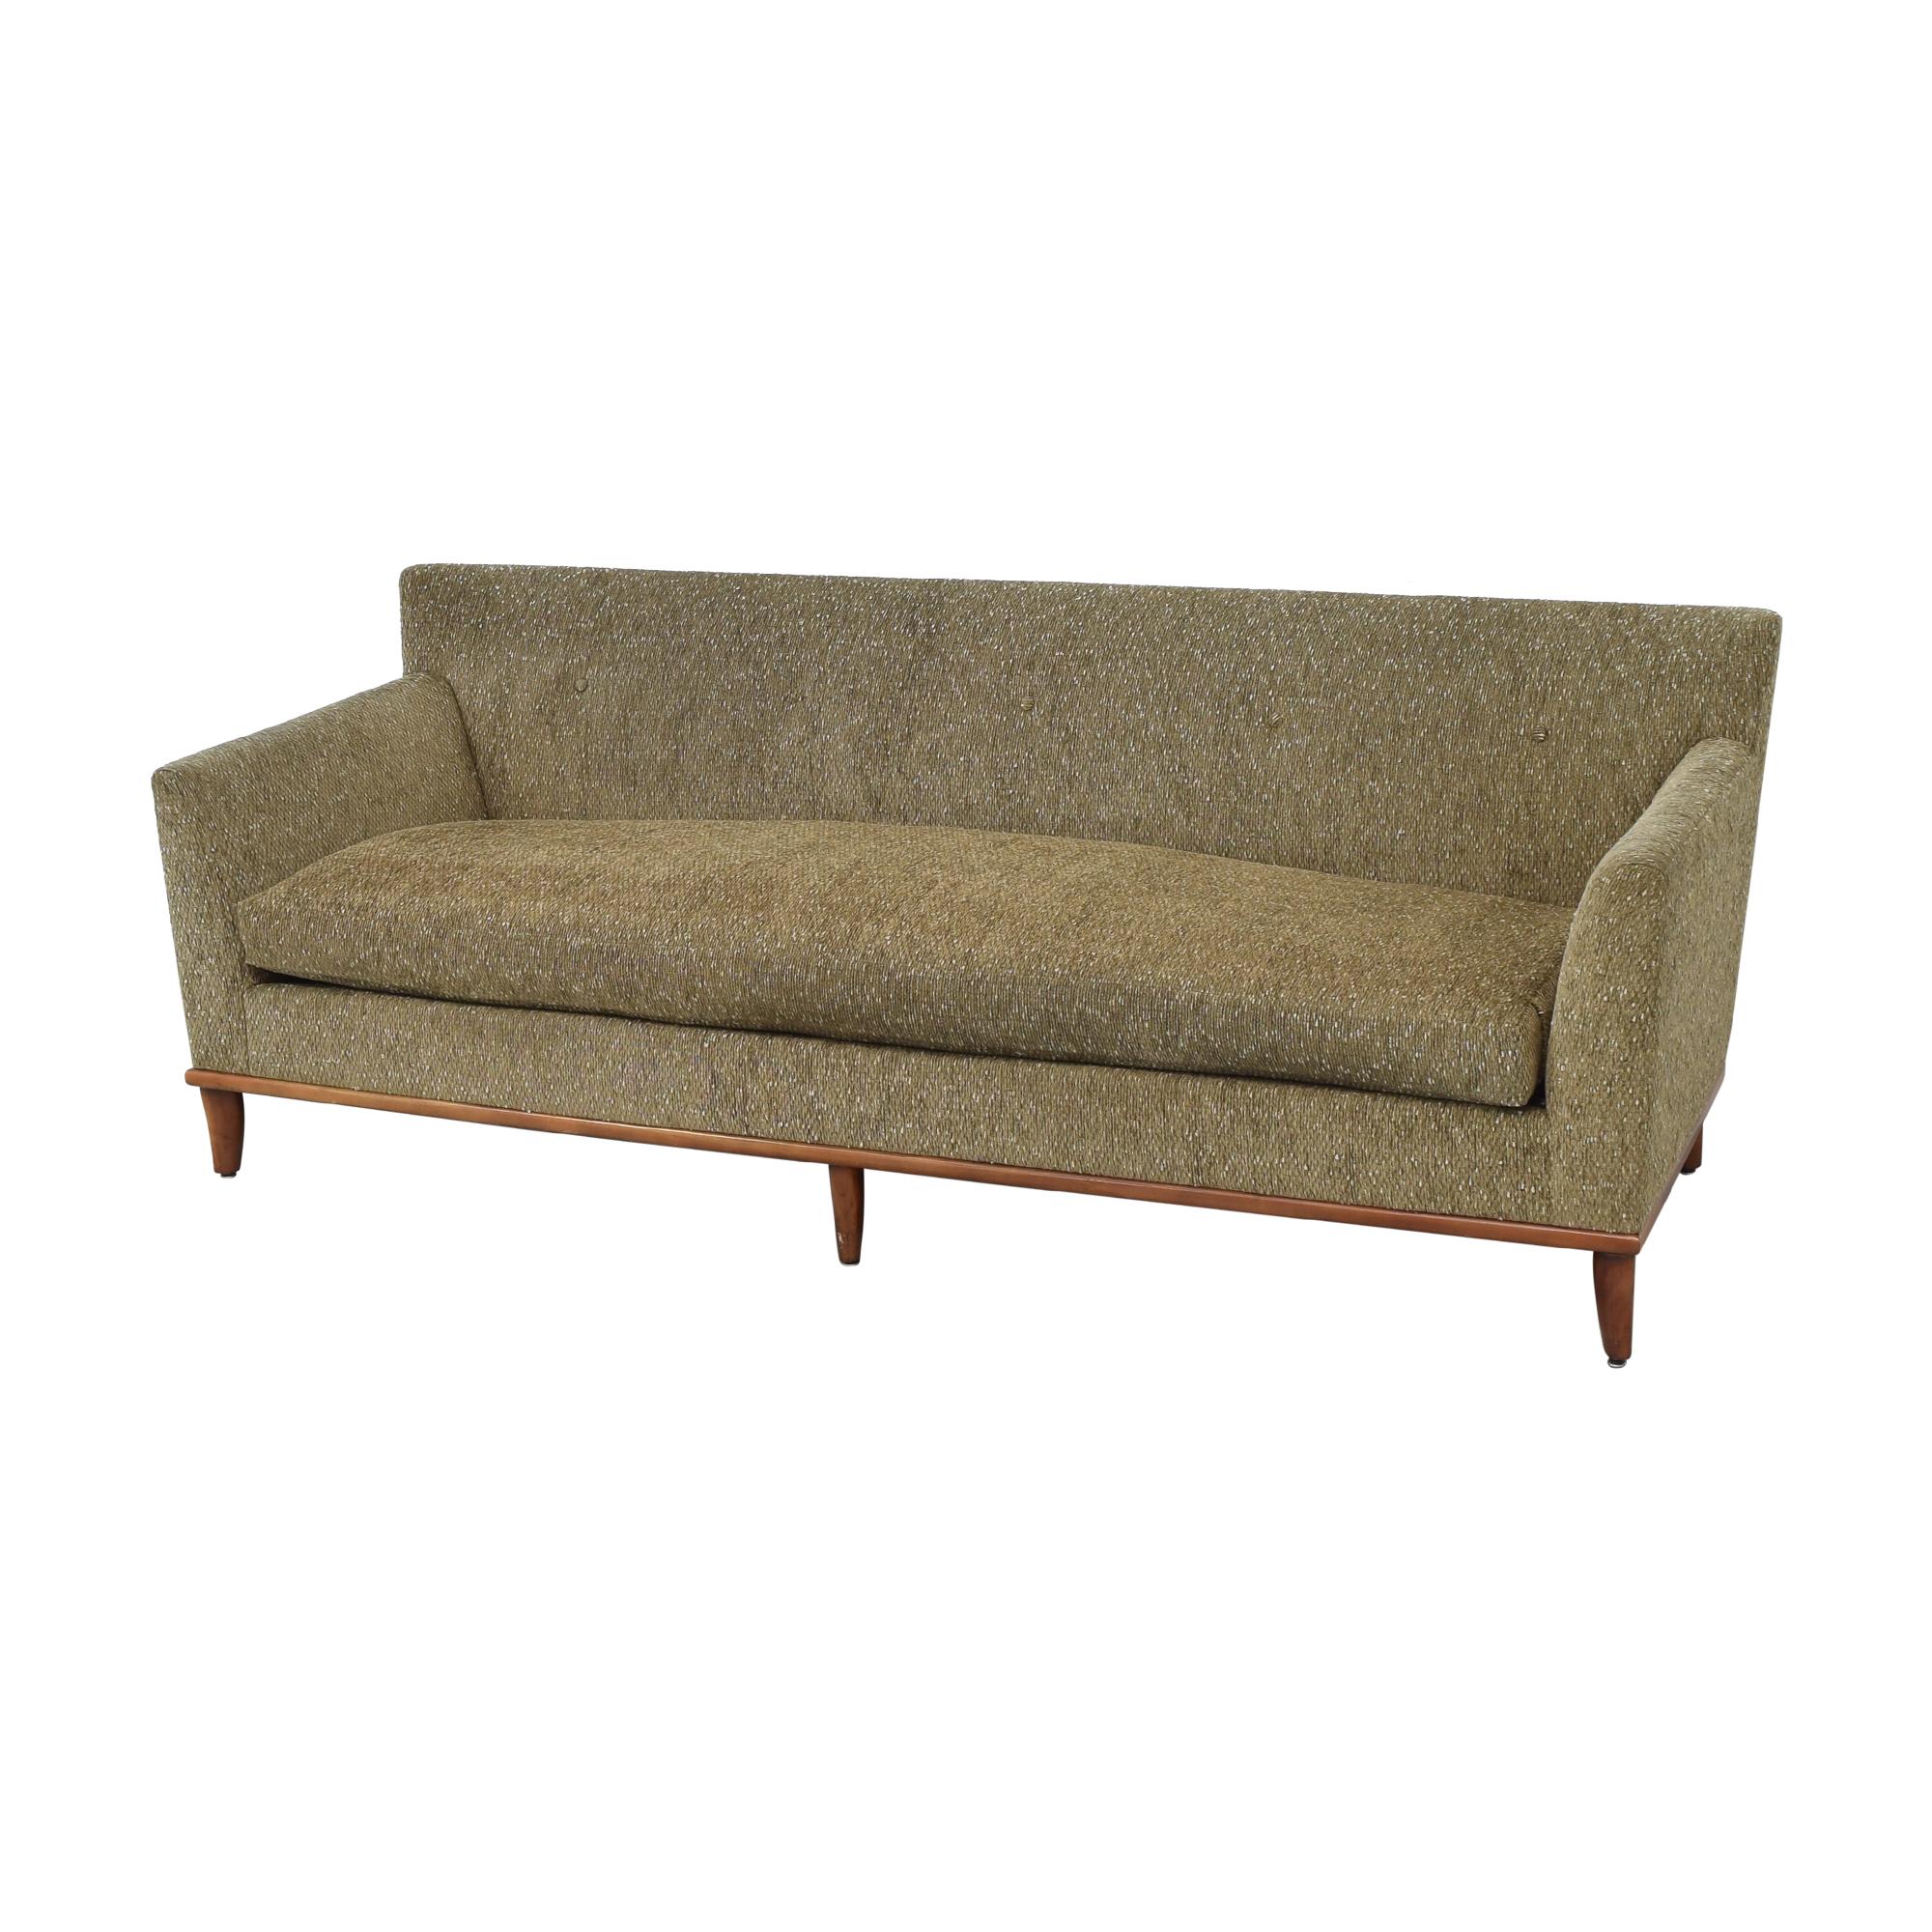 Bright Single Cushion Sofa sale